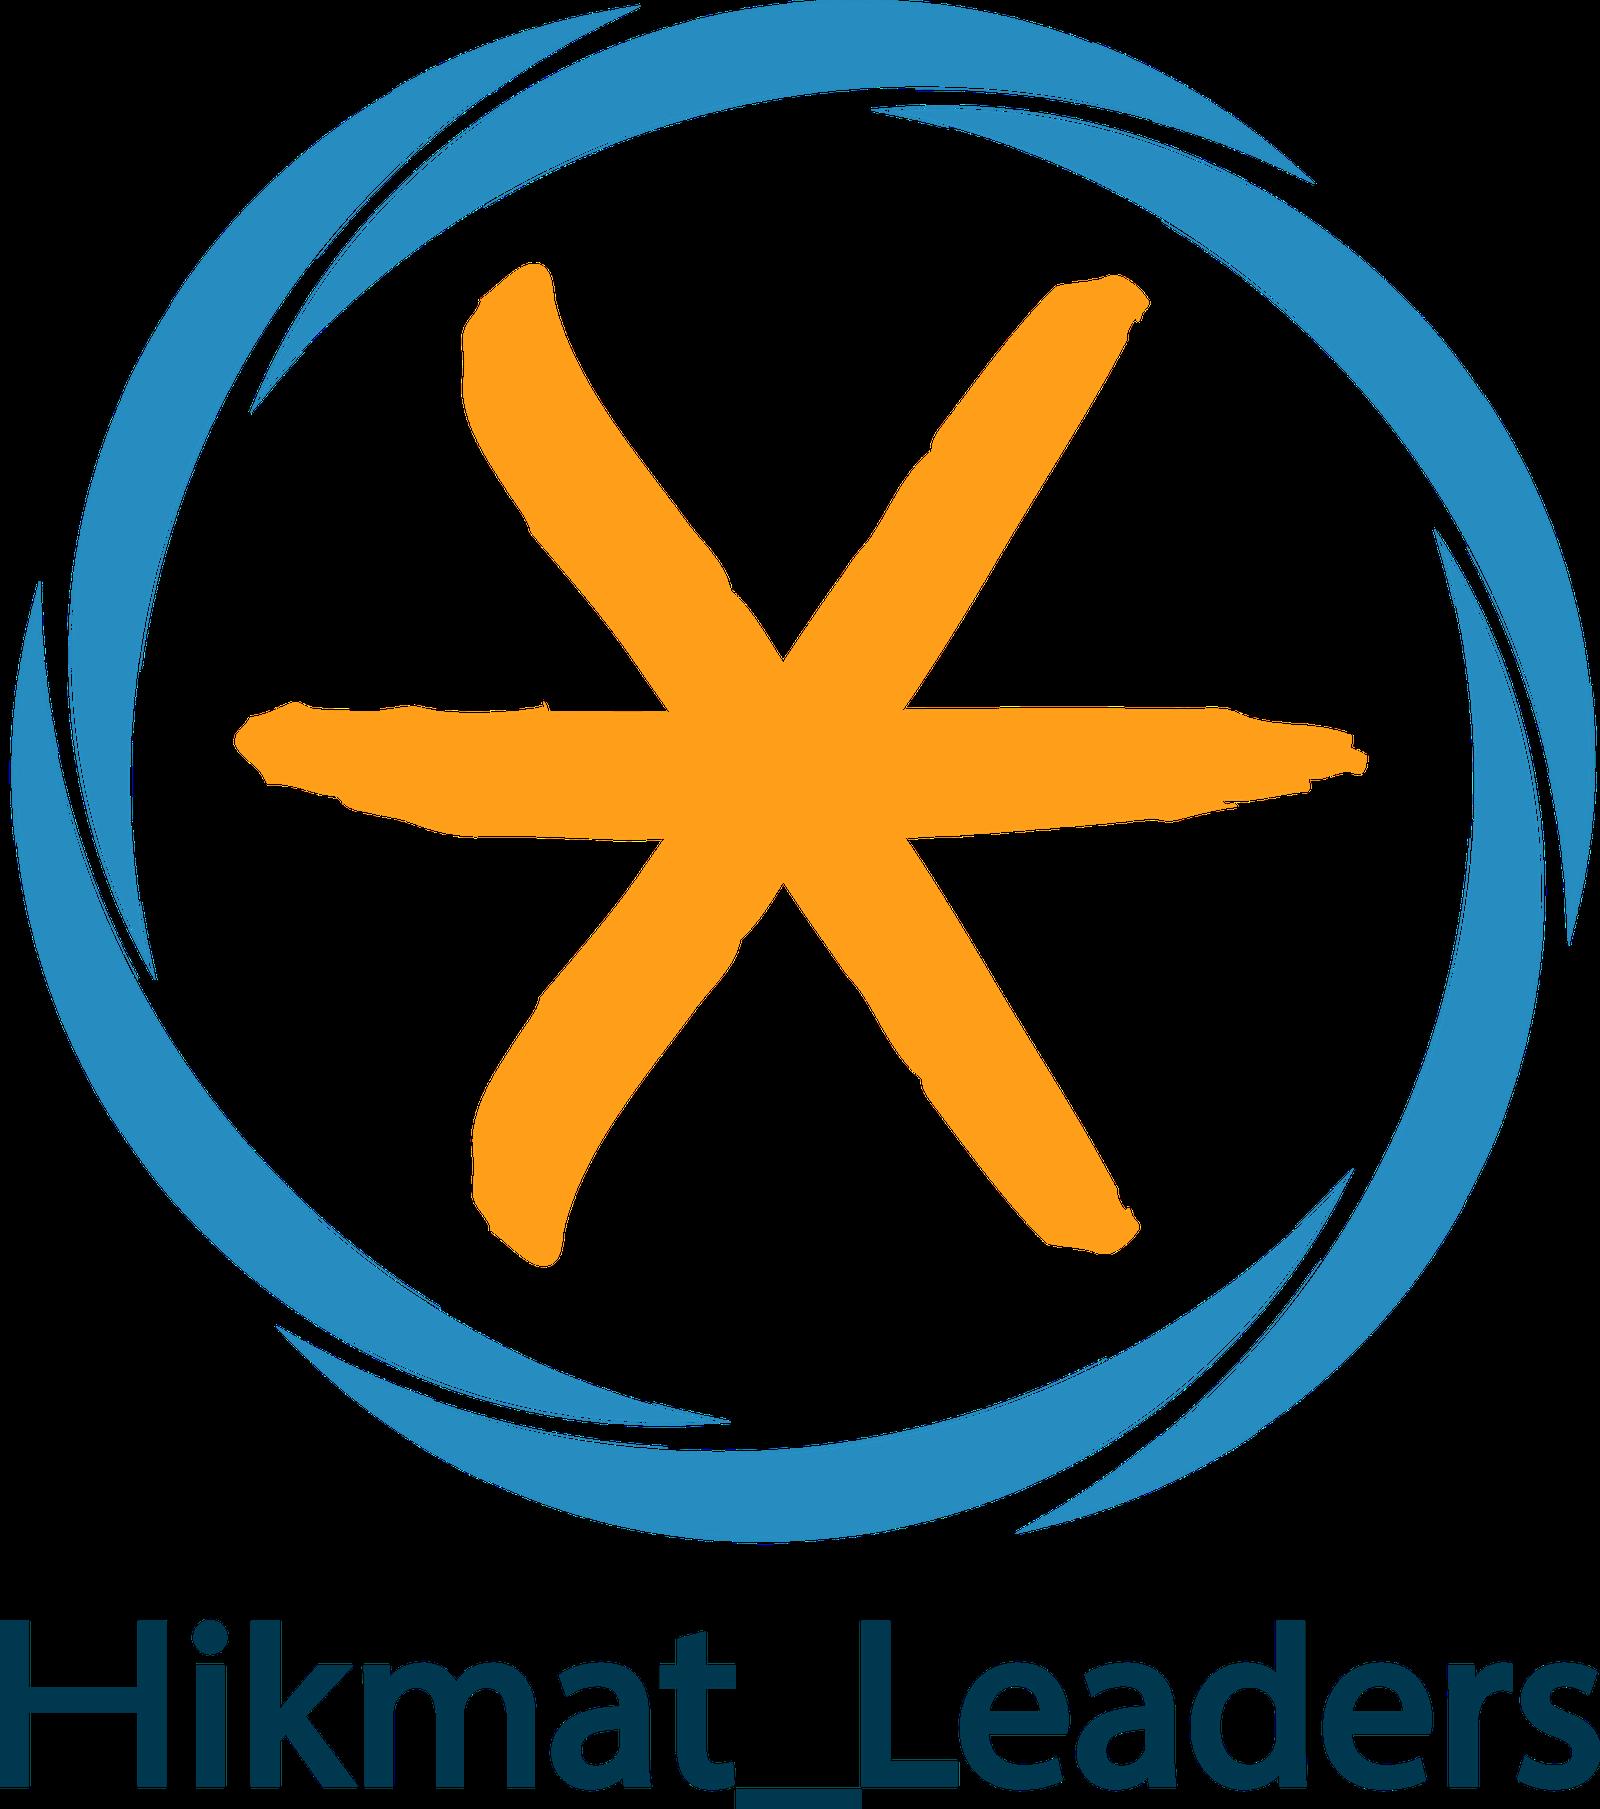 hikmat-leaders